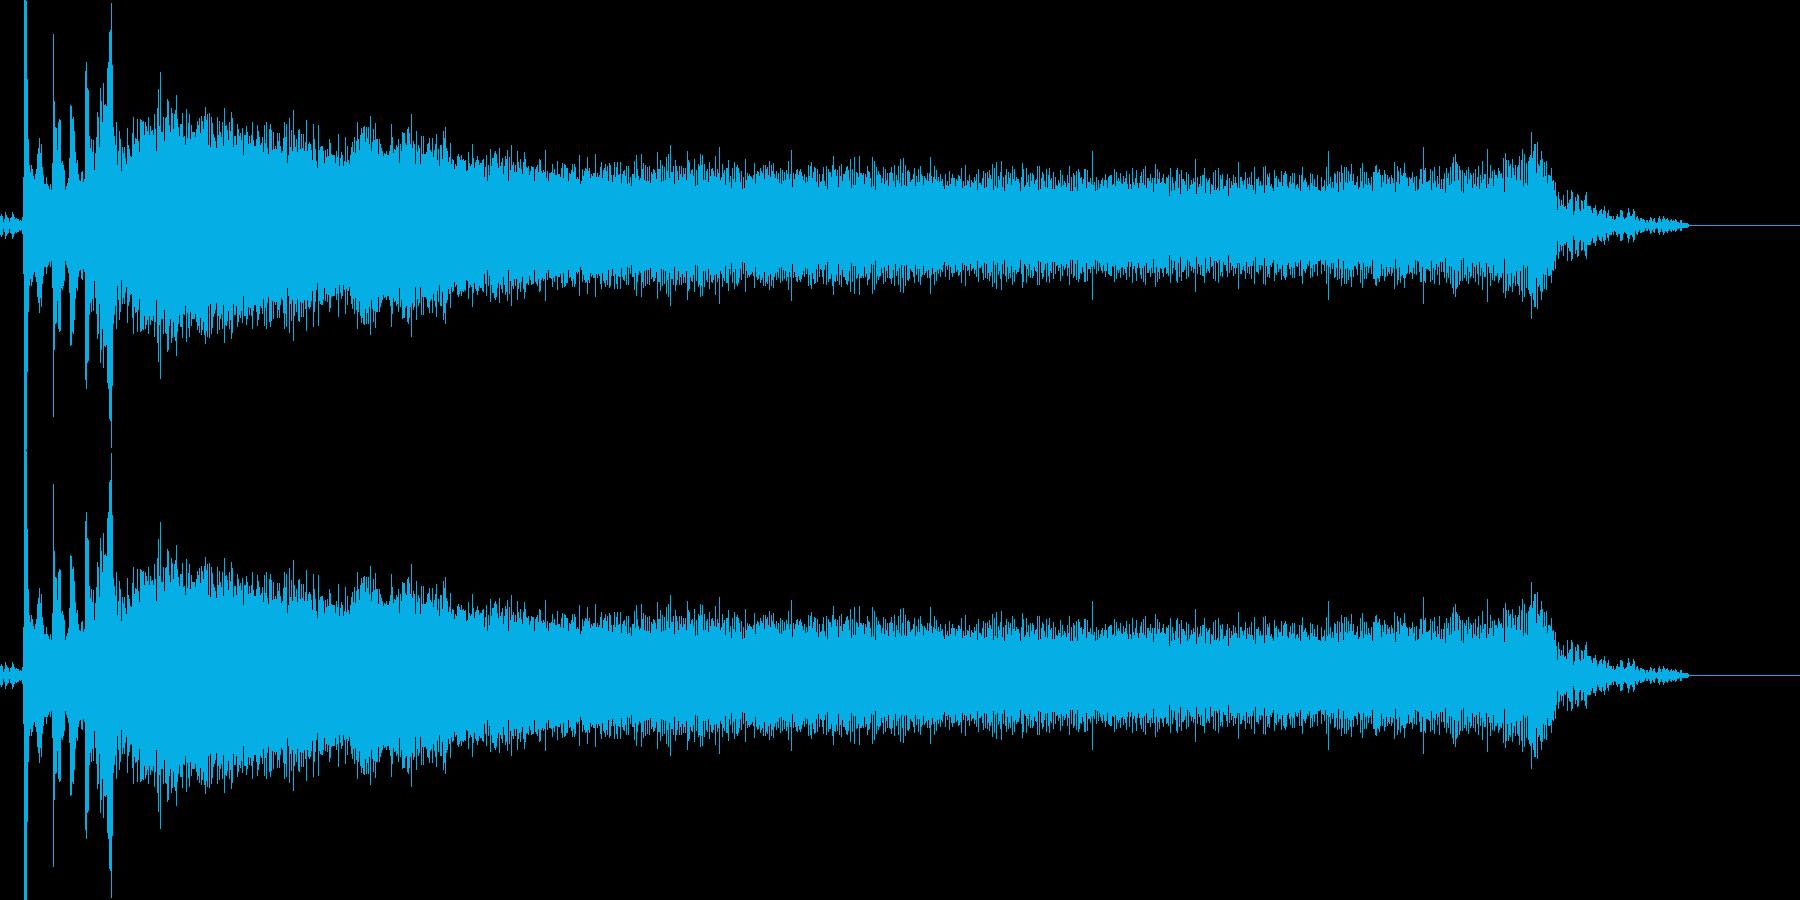 ブロロロ(車のエンジンを掛ける)の再生済みの波形